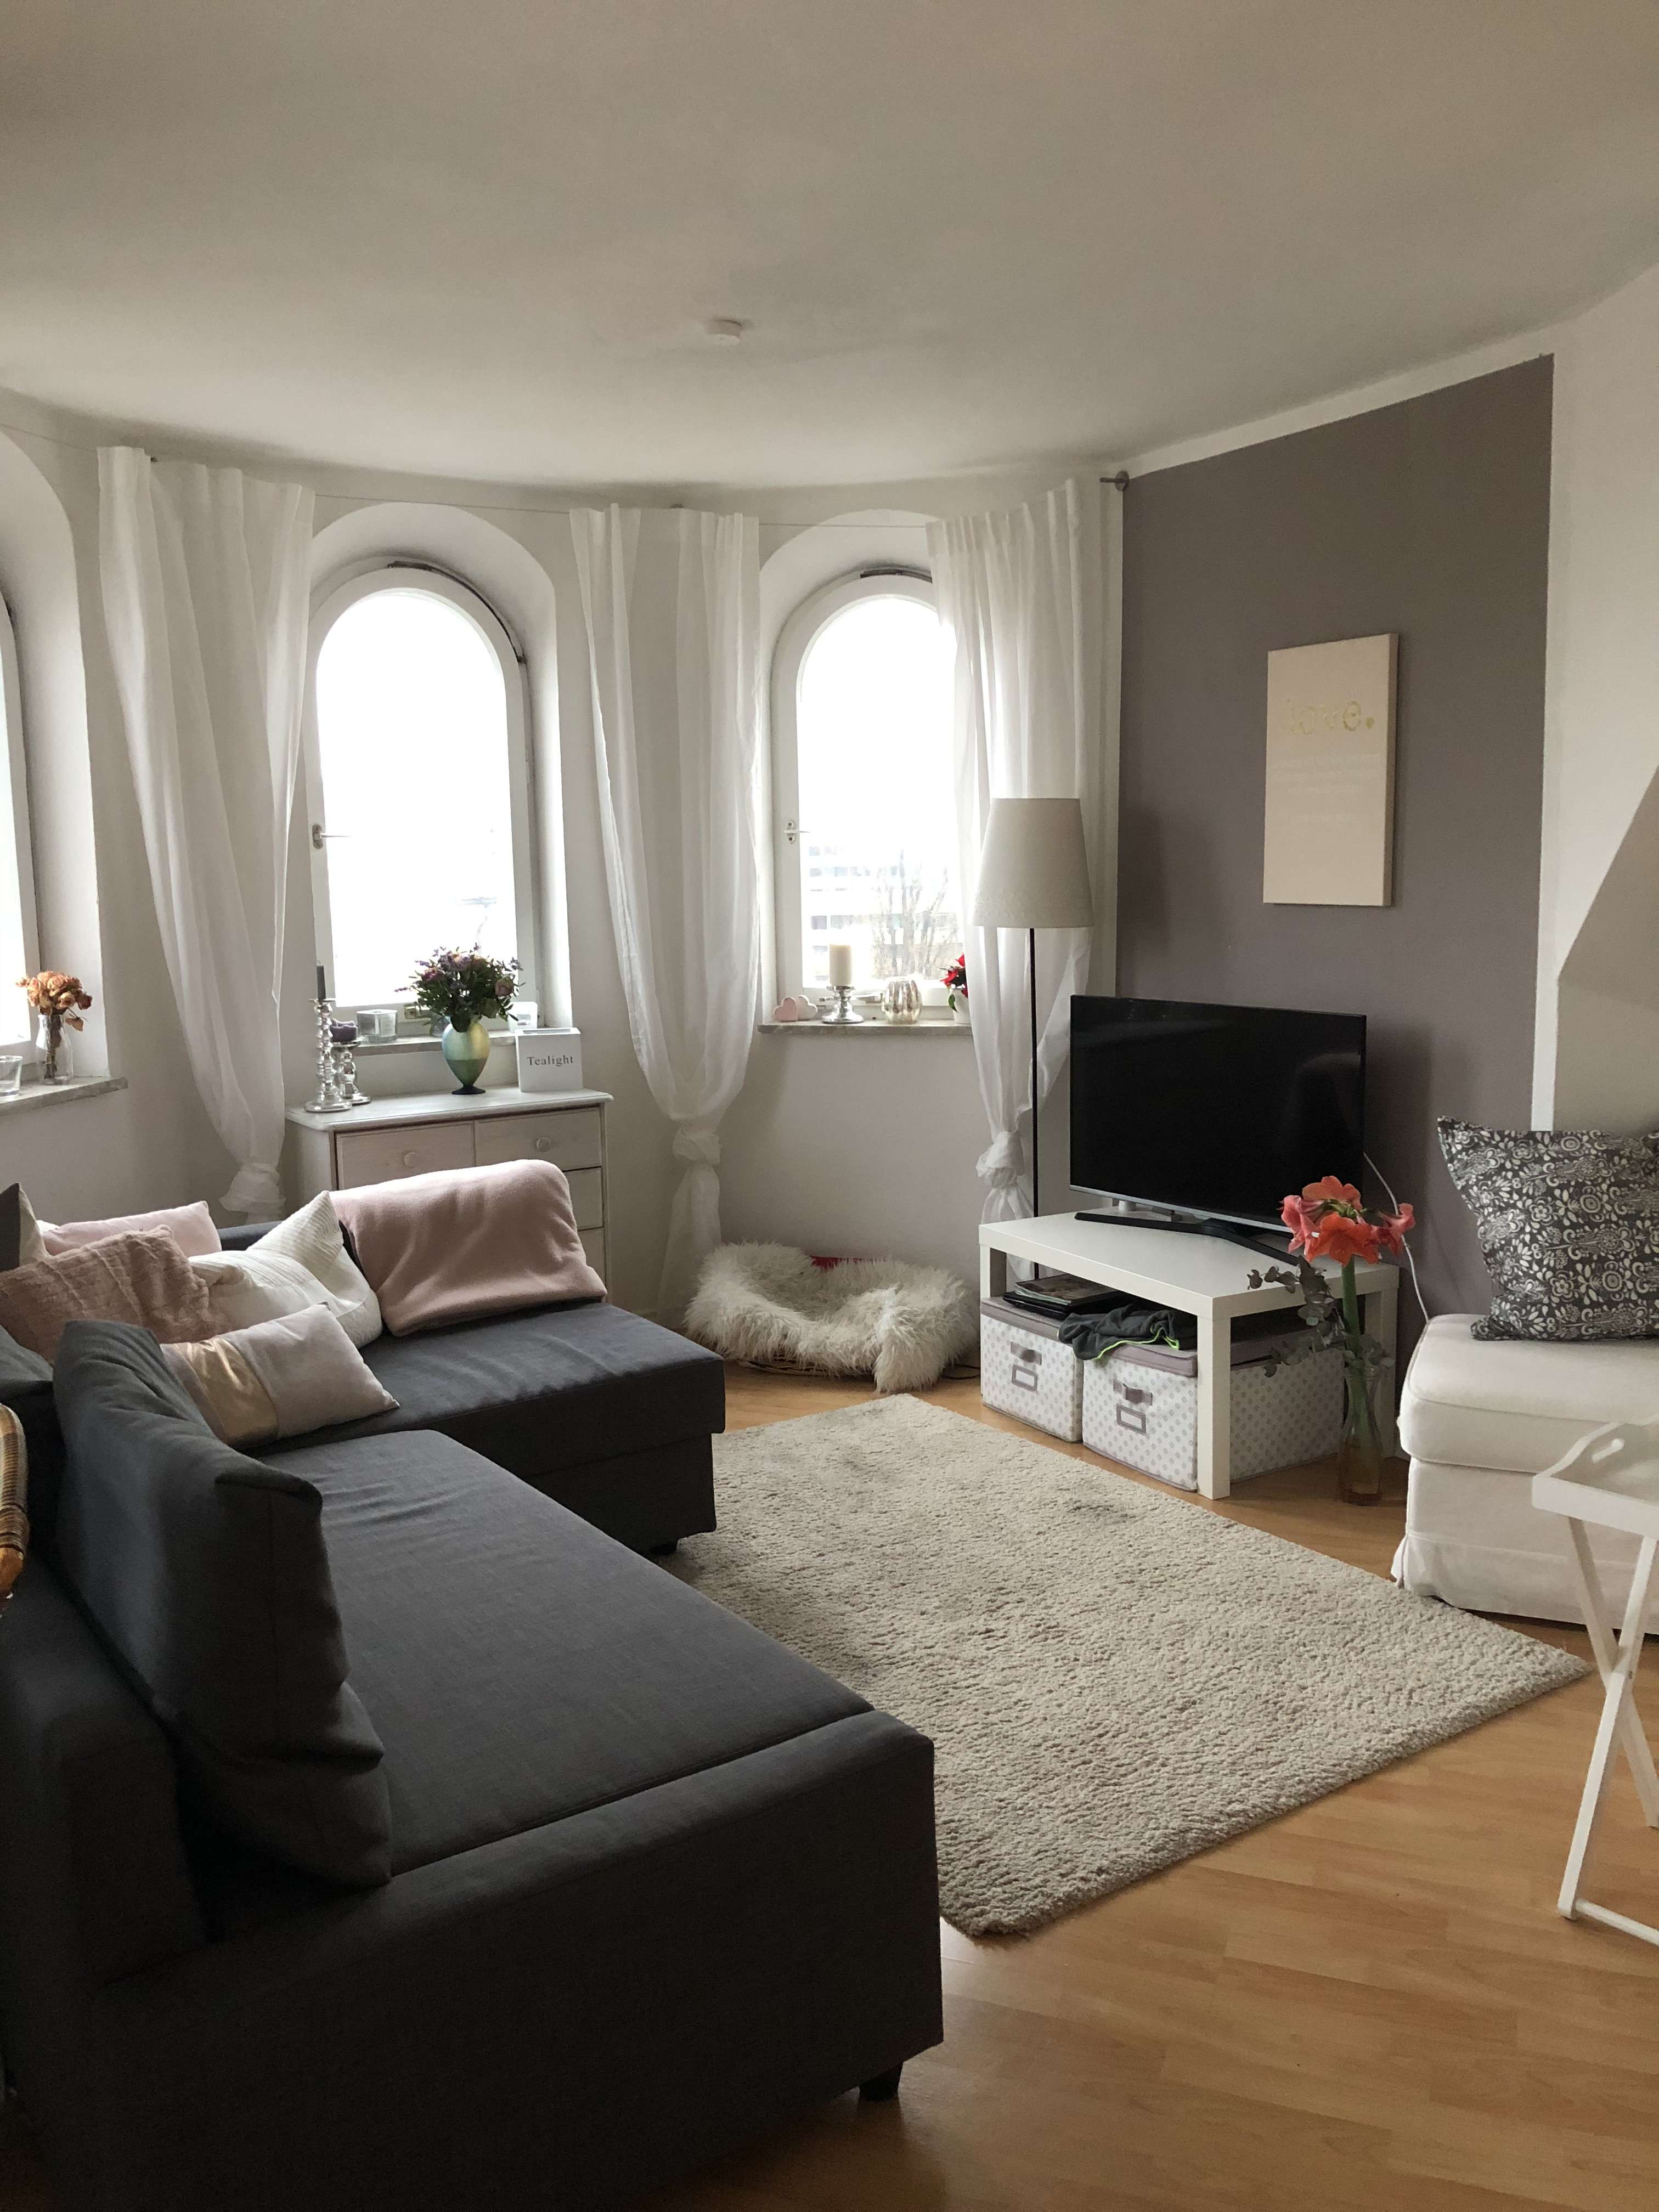 Stilvolle, gepflegte 2-Zimmer-Maisonette-Wohnung in Haidhausen,Nichtraucher!